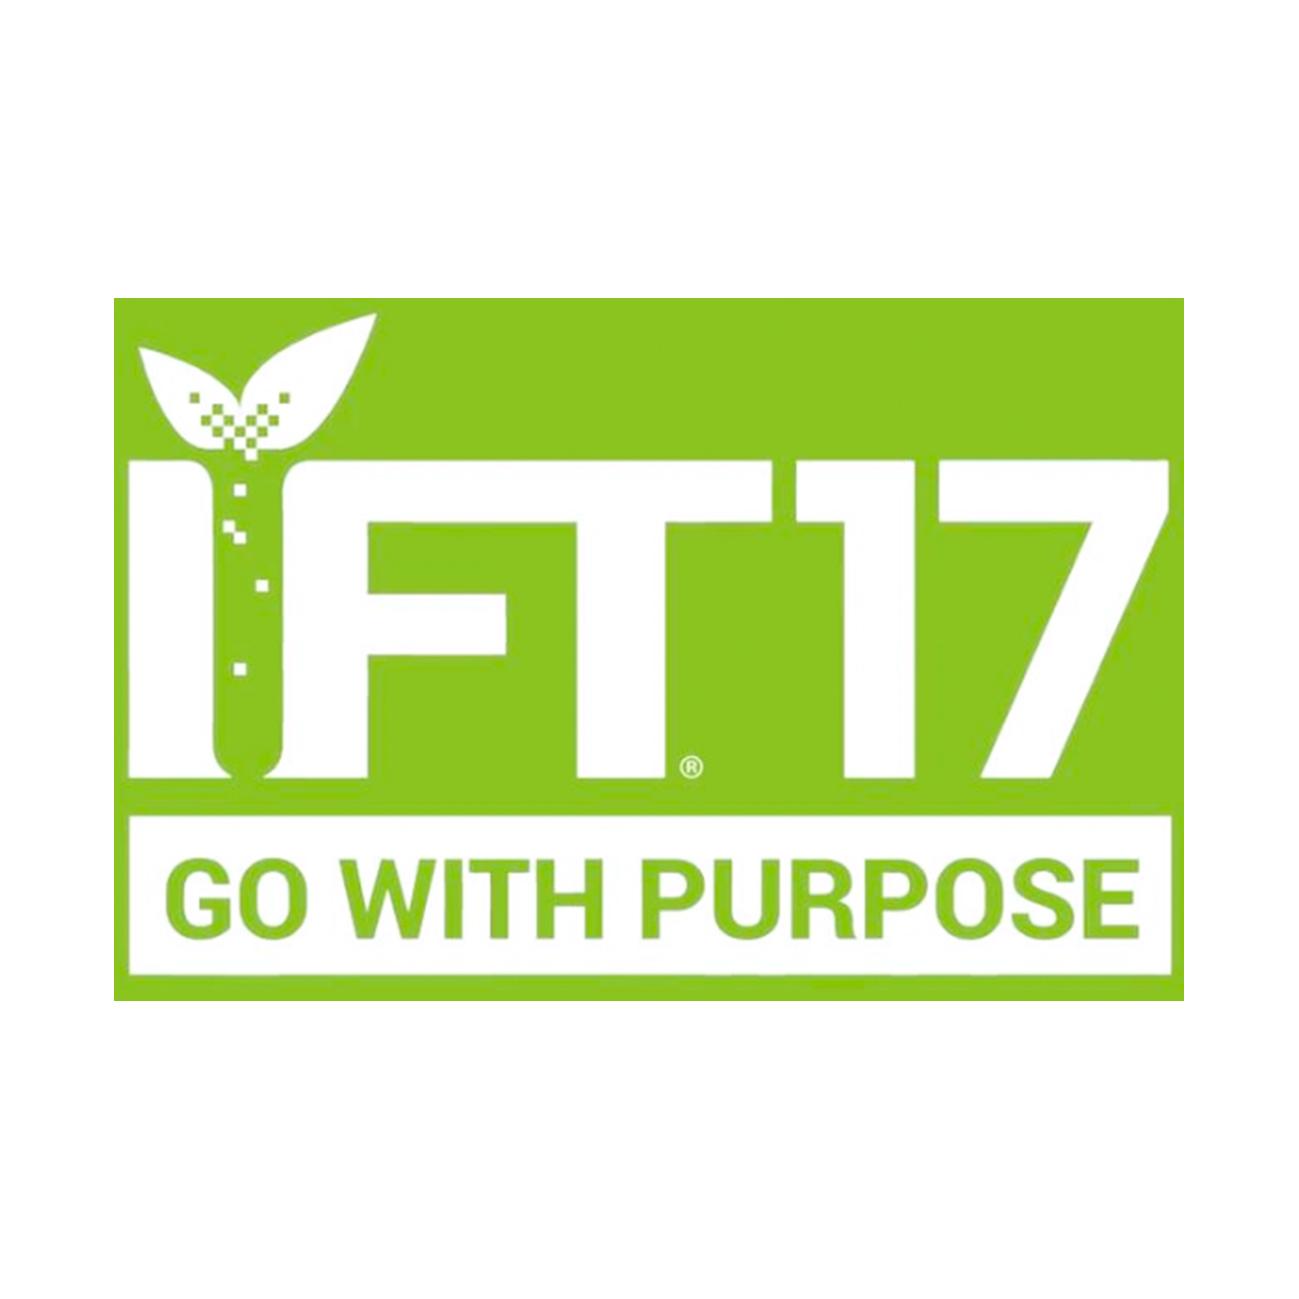 IFT17